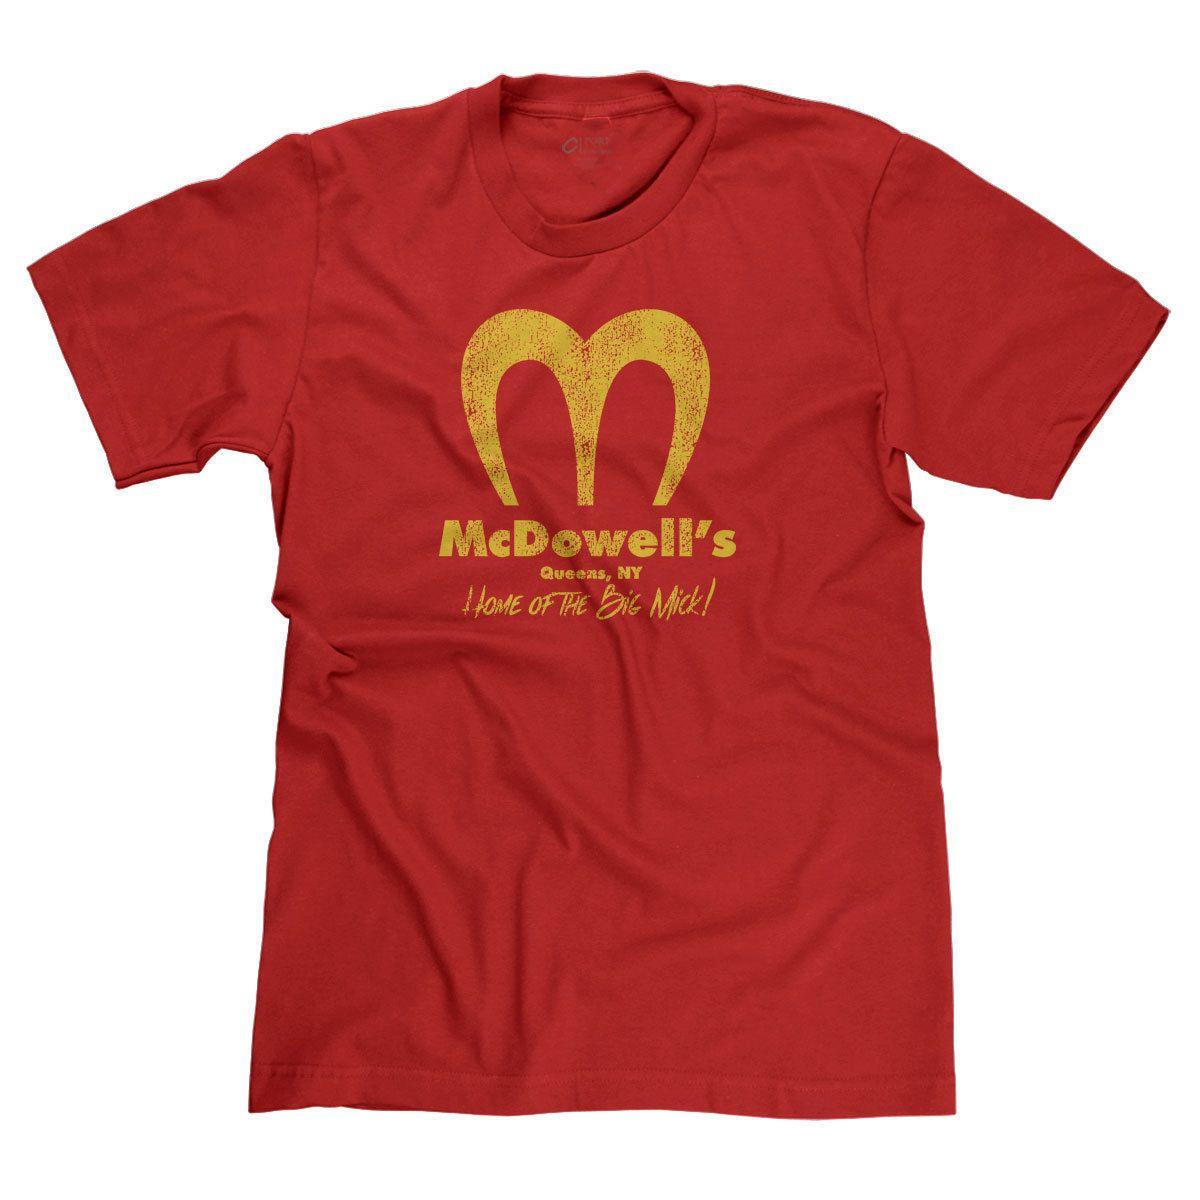 Womens McDonalds Logo T Shirt Casual Short Sleeve Crew Neck Tee Shirts Cotton Summer T-Shirt for Women